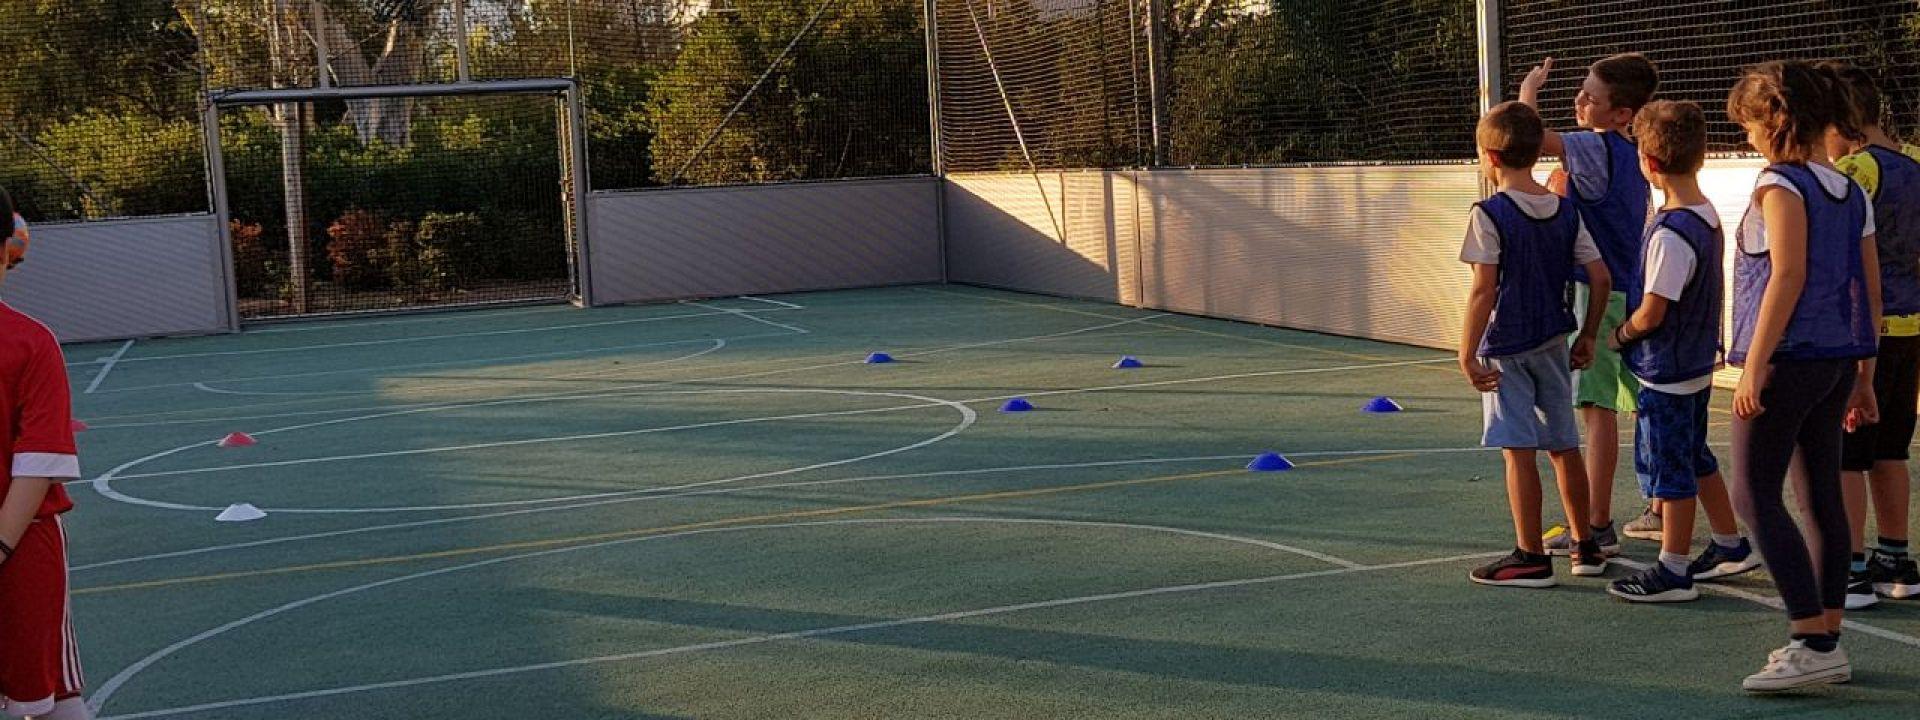 Φωτογραφία από ομάδες παιδιών που μαθαίνουν ποδόσφαιρο